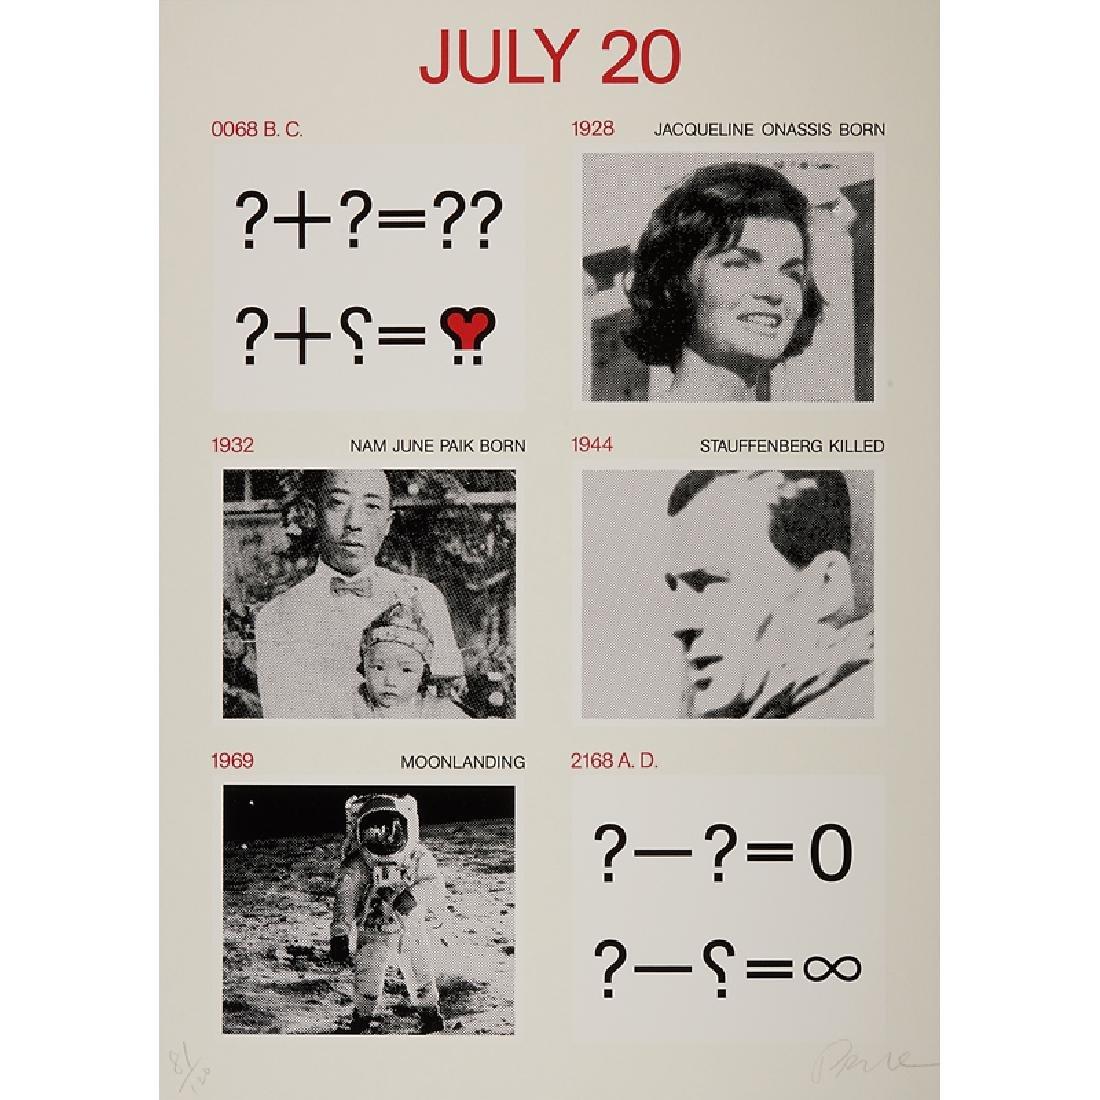 Nam June Paik (American/Korean, 1932-2006)